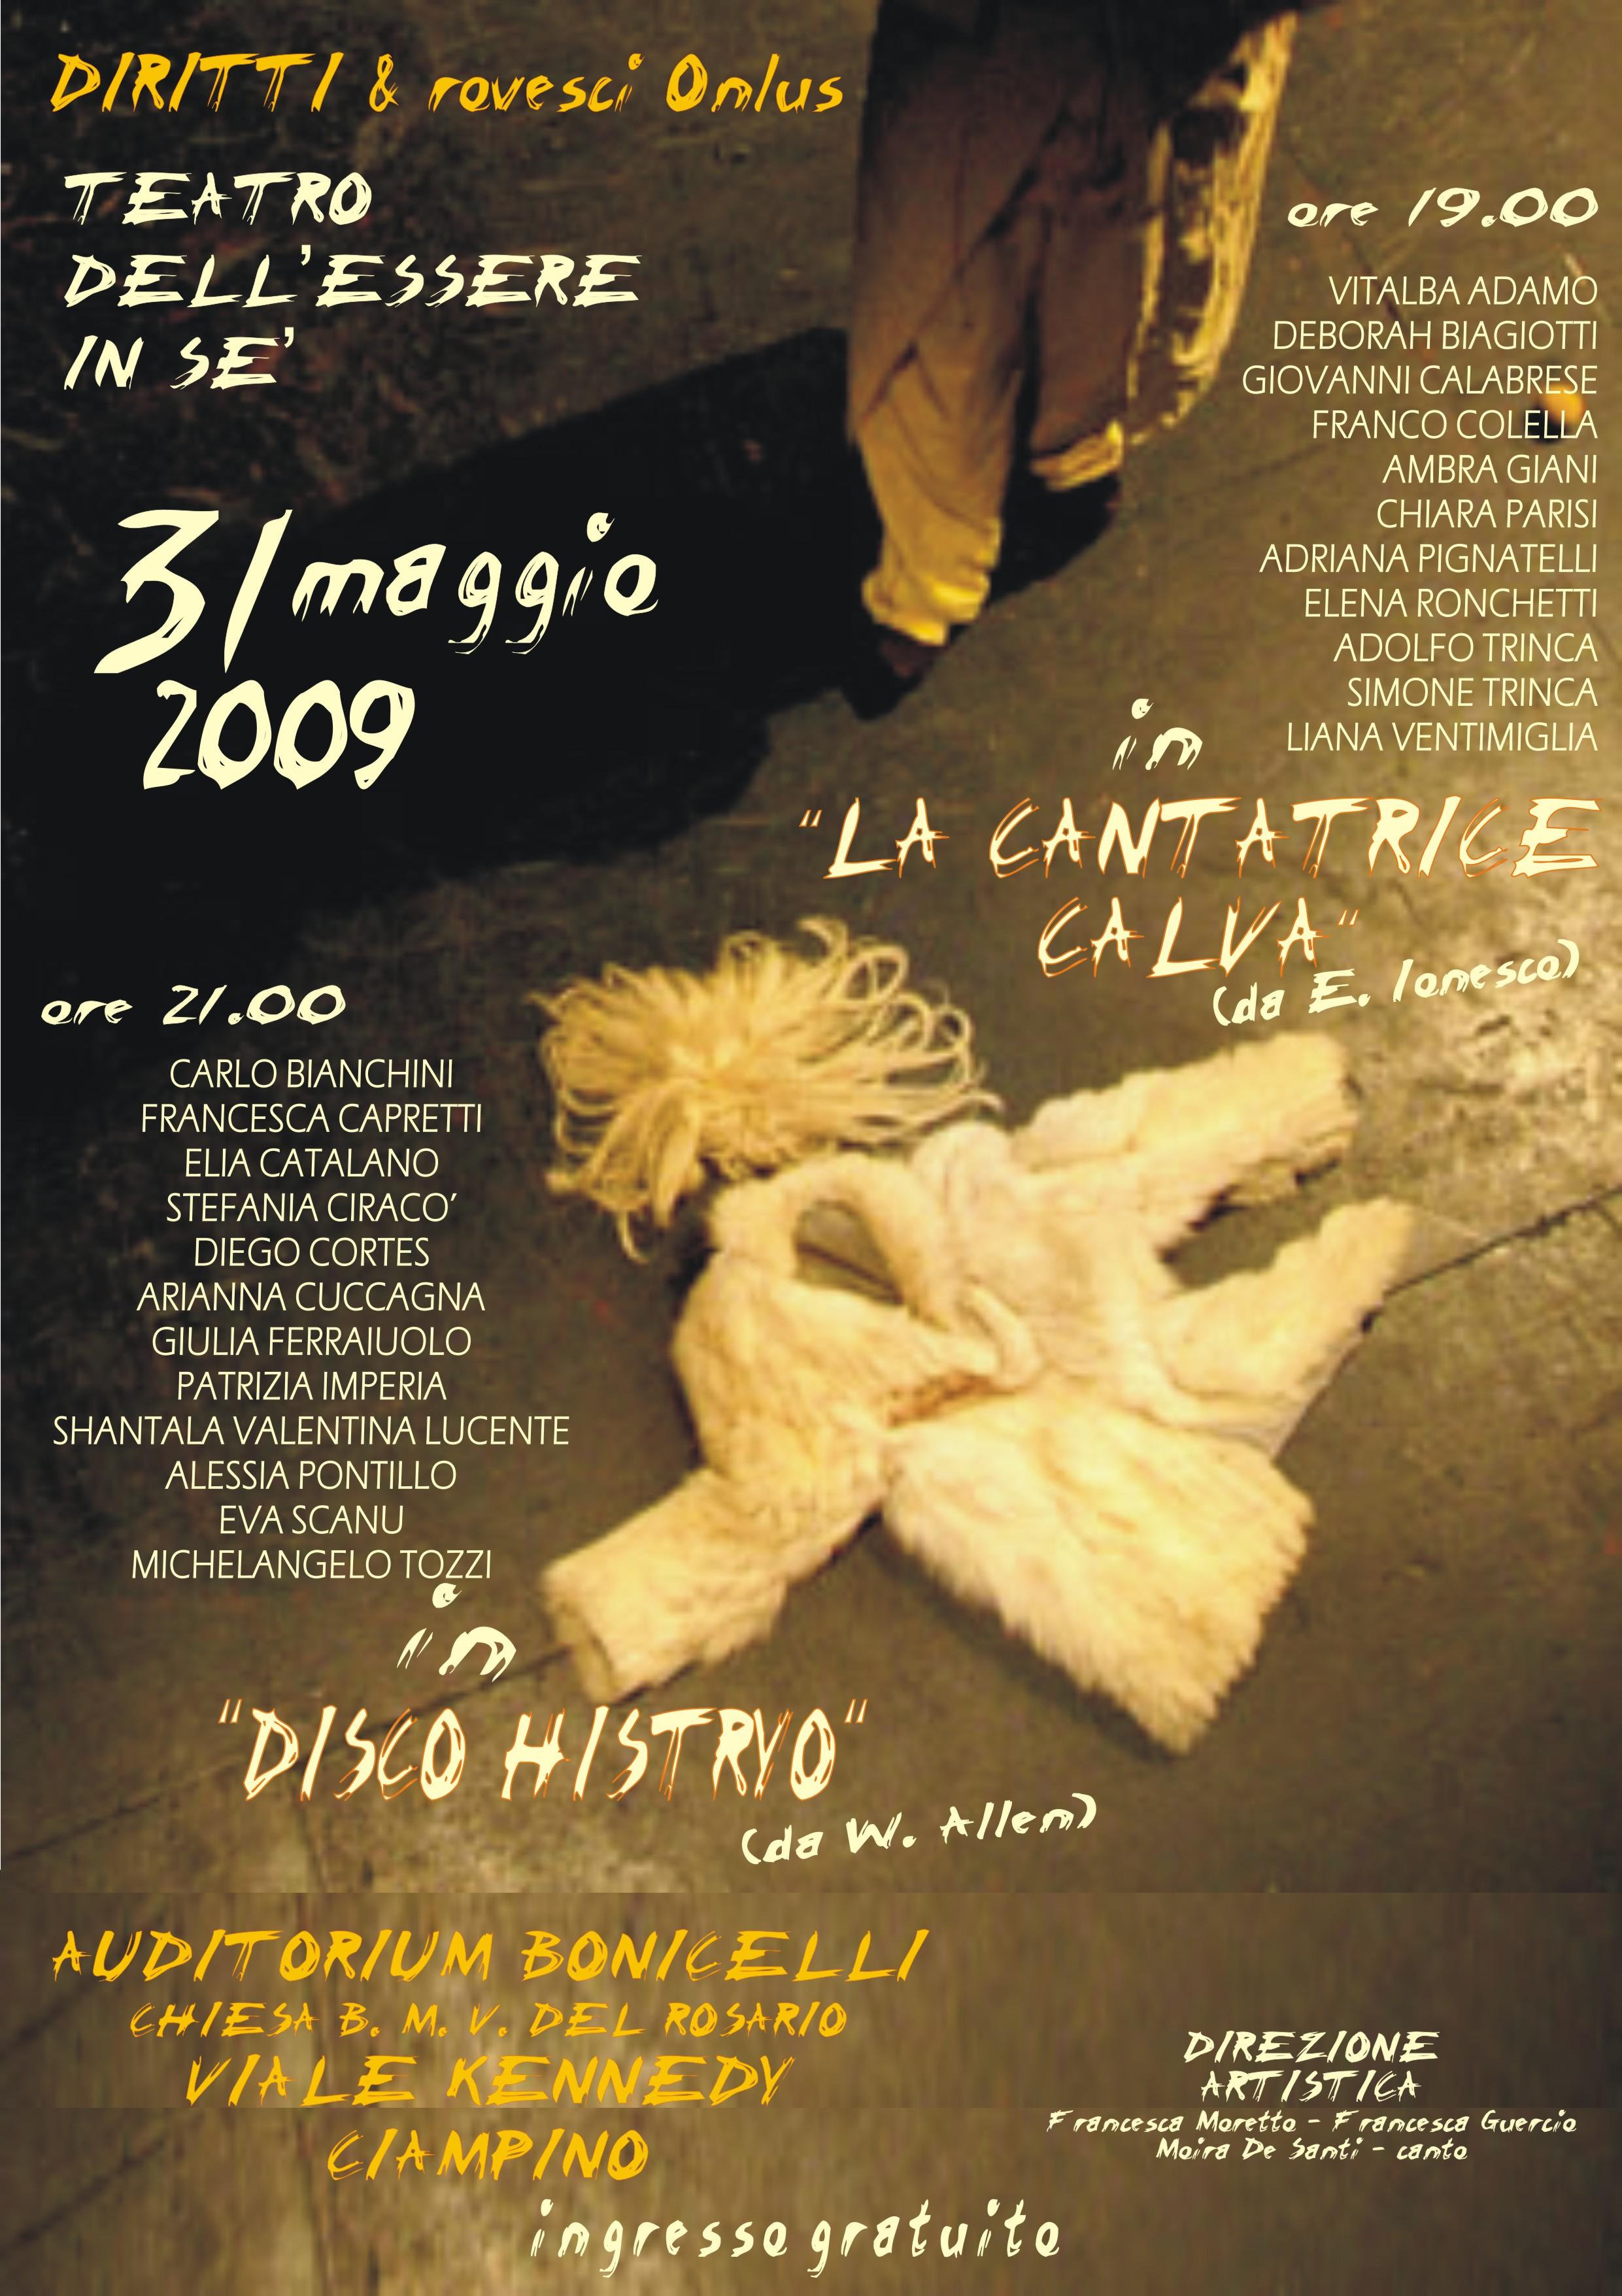 """Il nostro debutto teatrale con """"La cantatrice Calva"""" domenica 31 maggio 2009"""